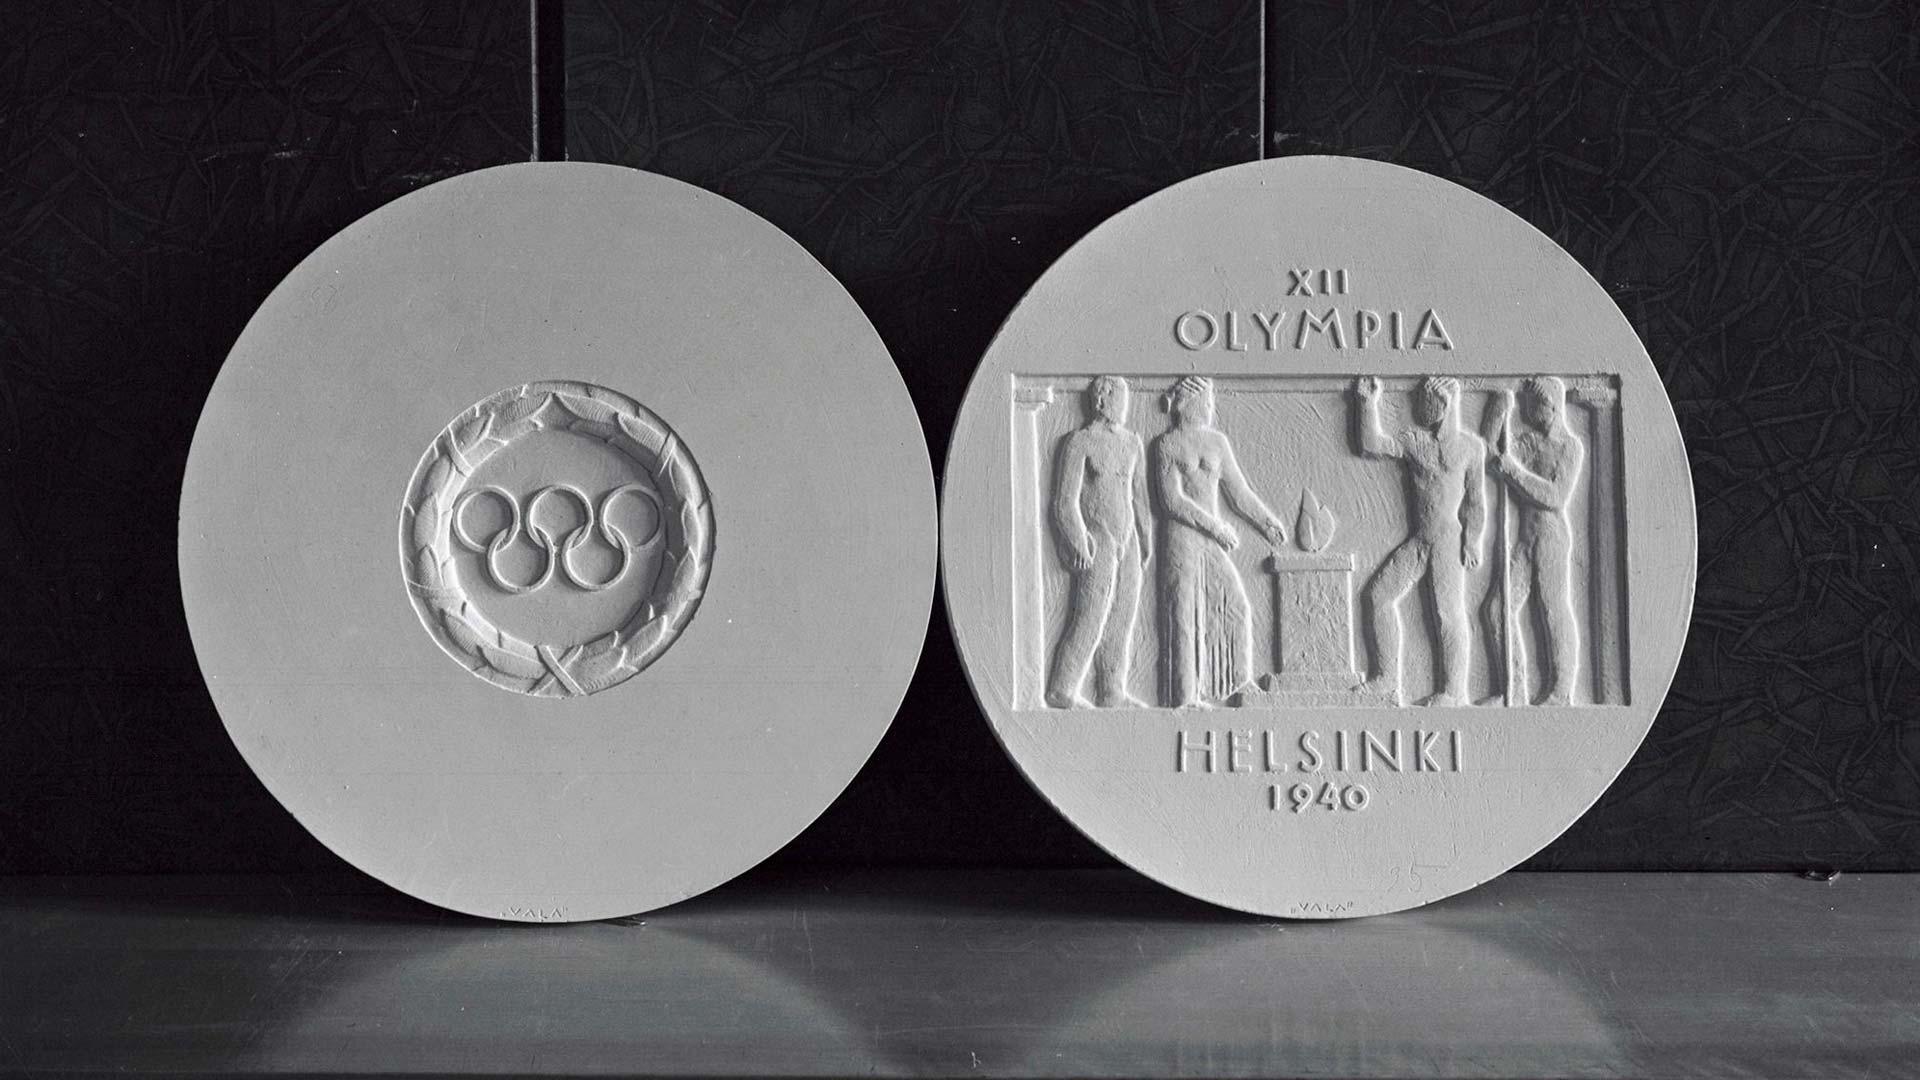 Nimimerkki Valan tekemä Helsingin vuoden 1940 olympialaisten mitaliehdotuksen kipsiluonnos arviolta lokakuussa 1940.